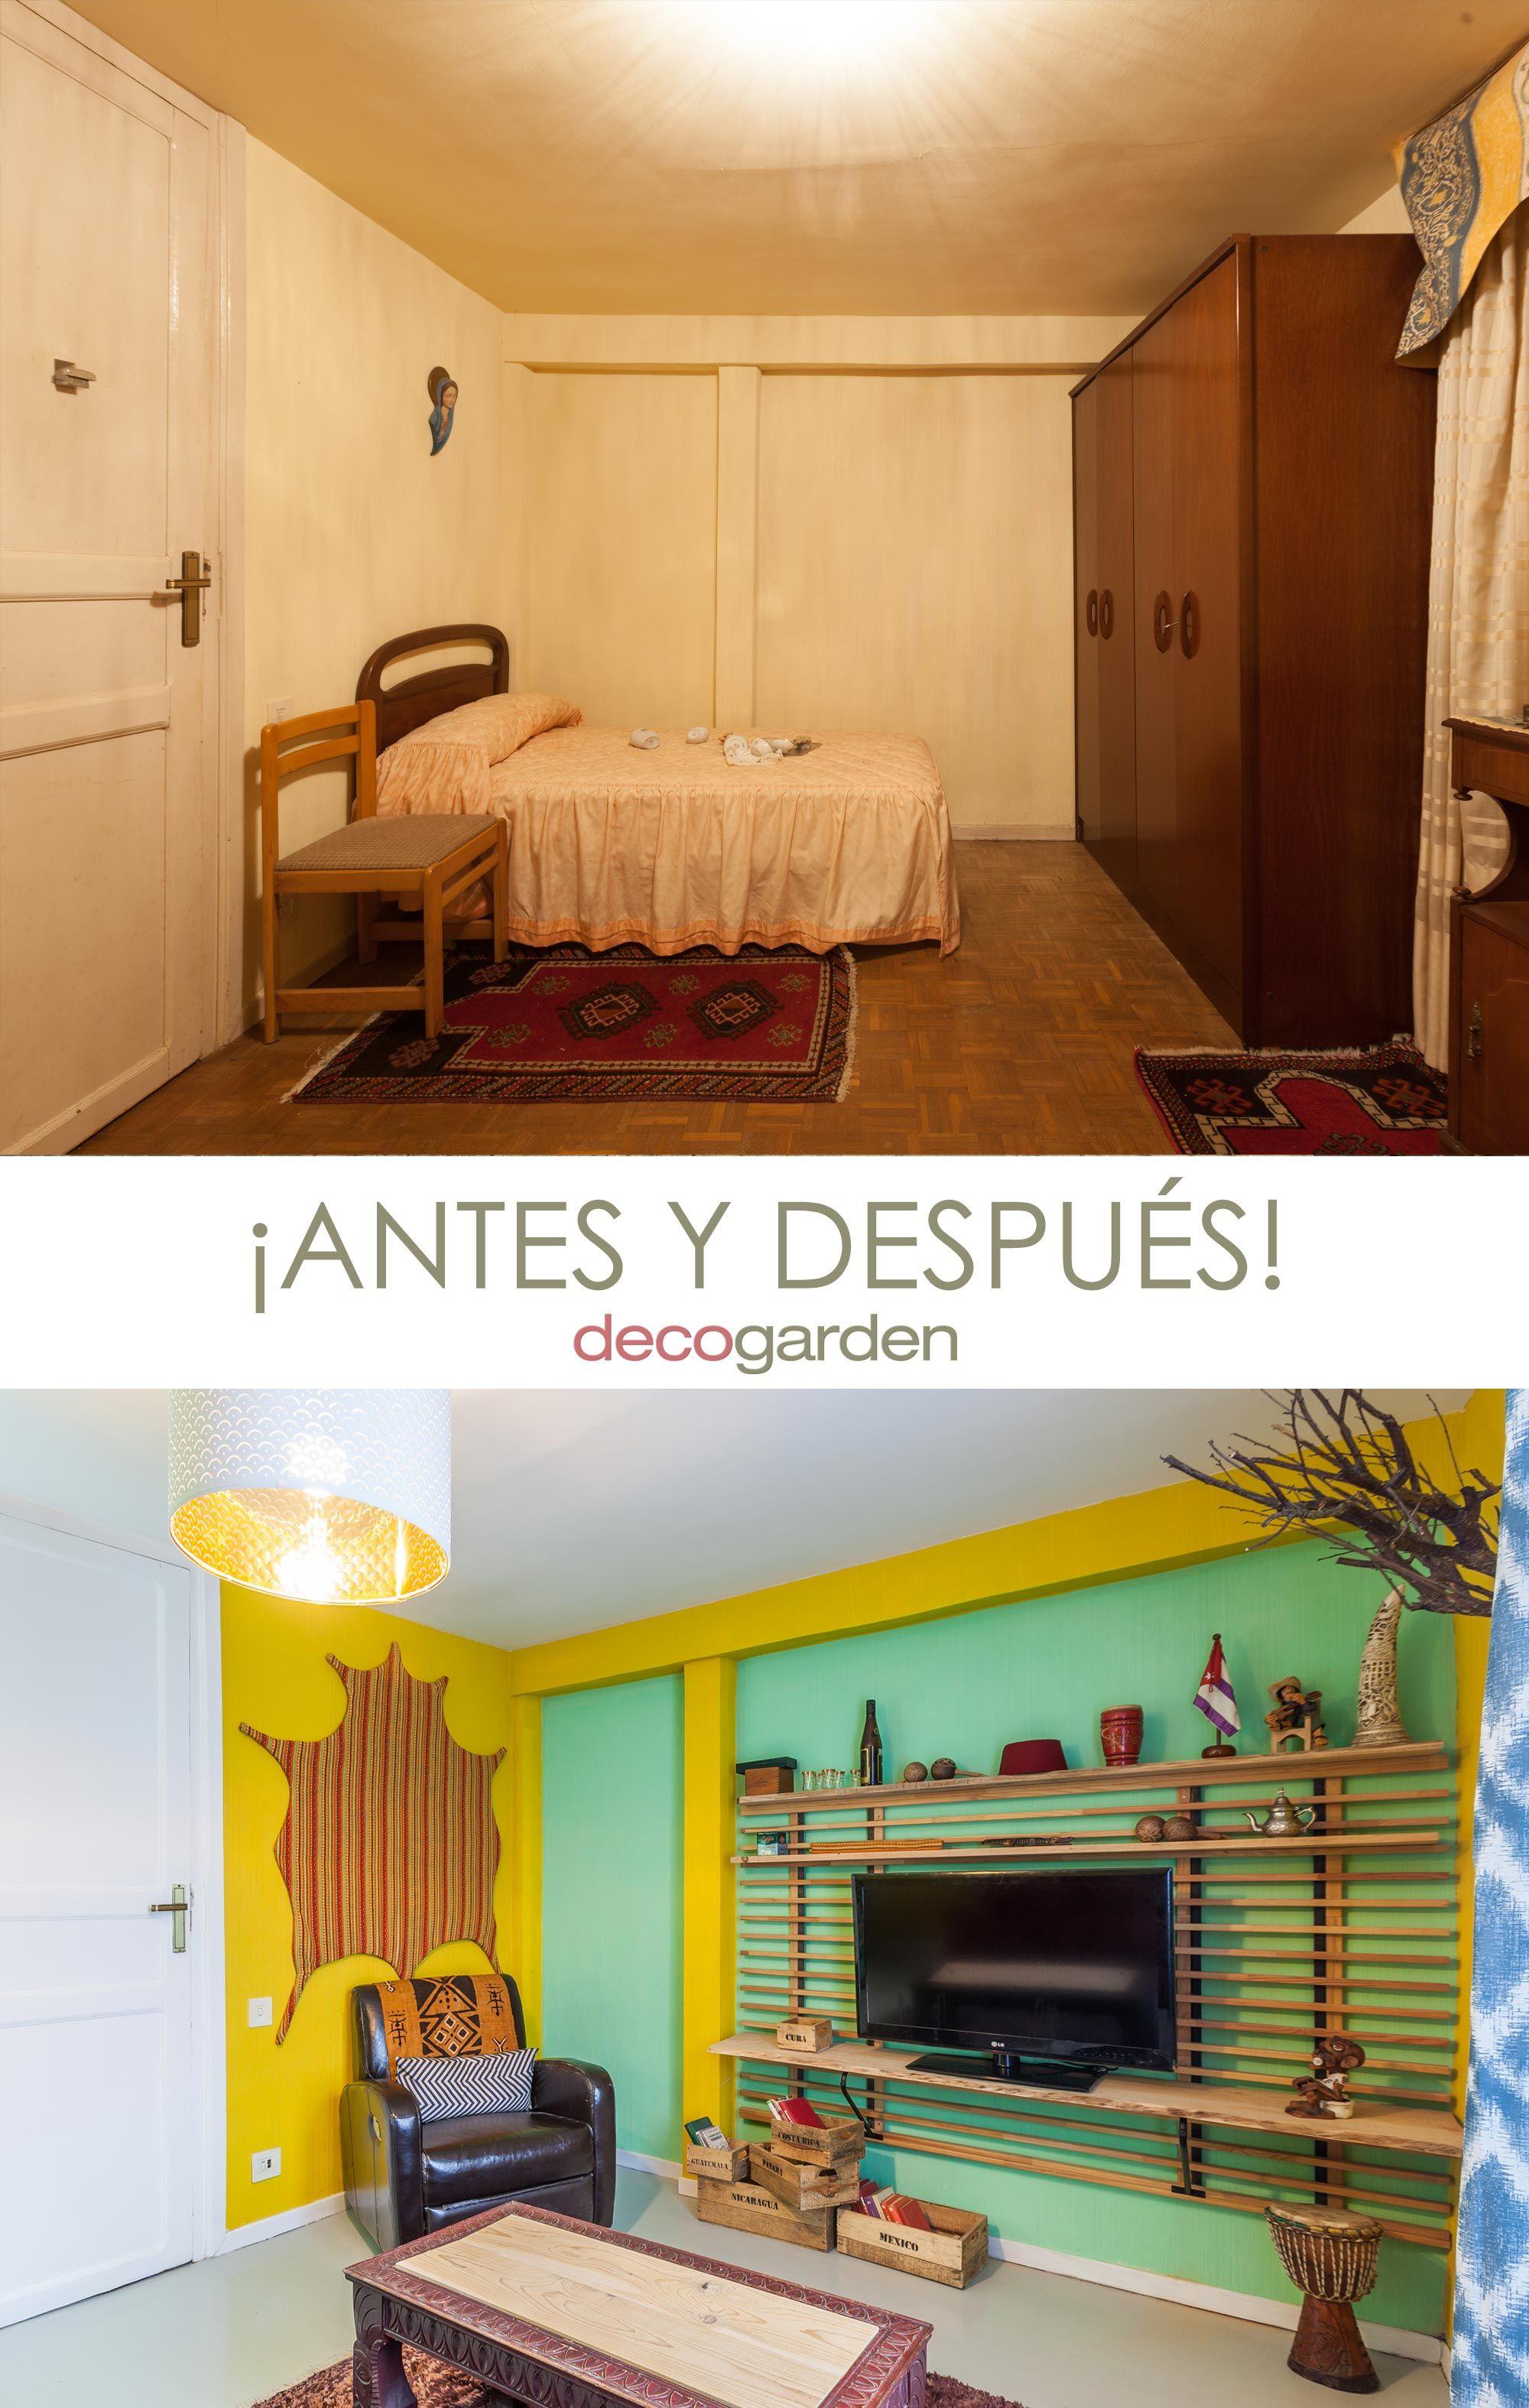 décorer la chambre de style colonial